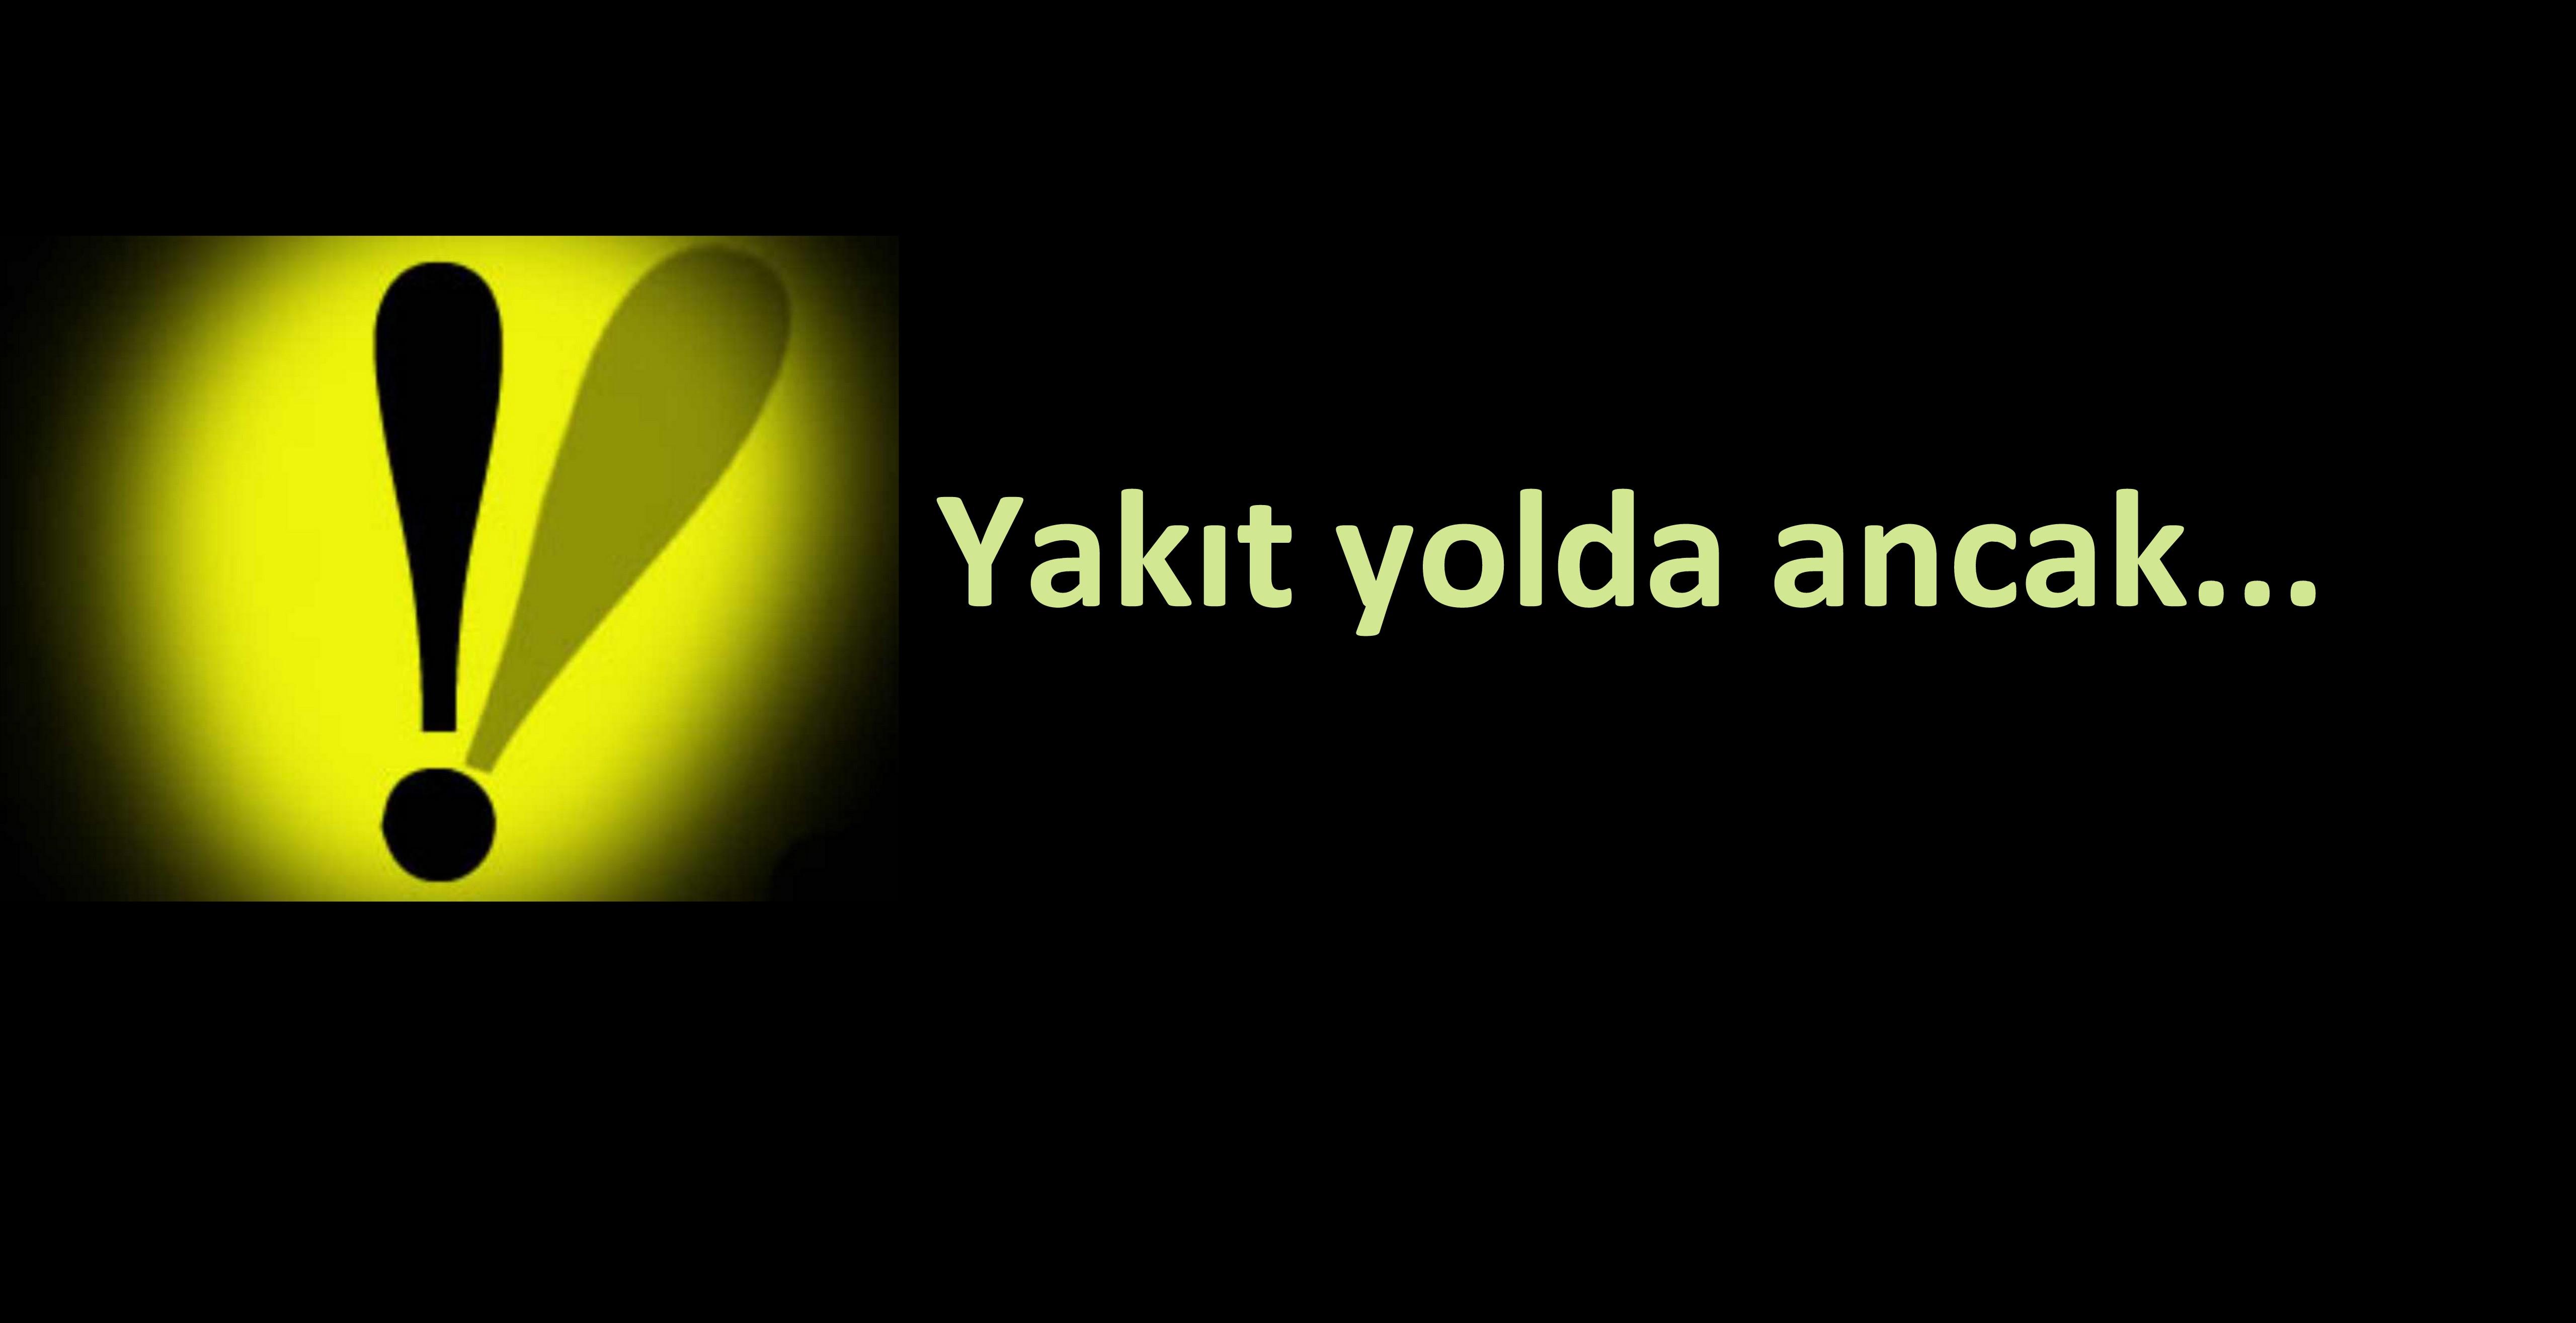 YAKIT YOLDA, ANCAK PARA BULUNURSA BOŞALTILACAK